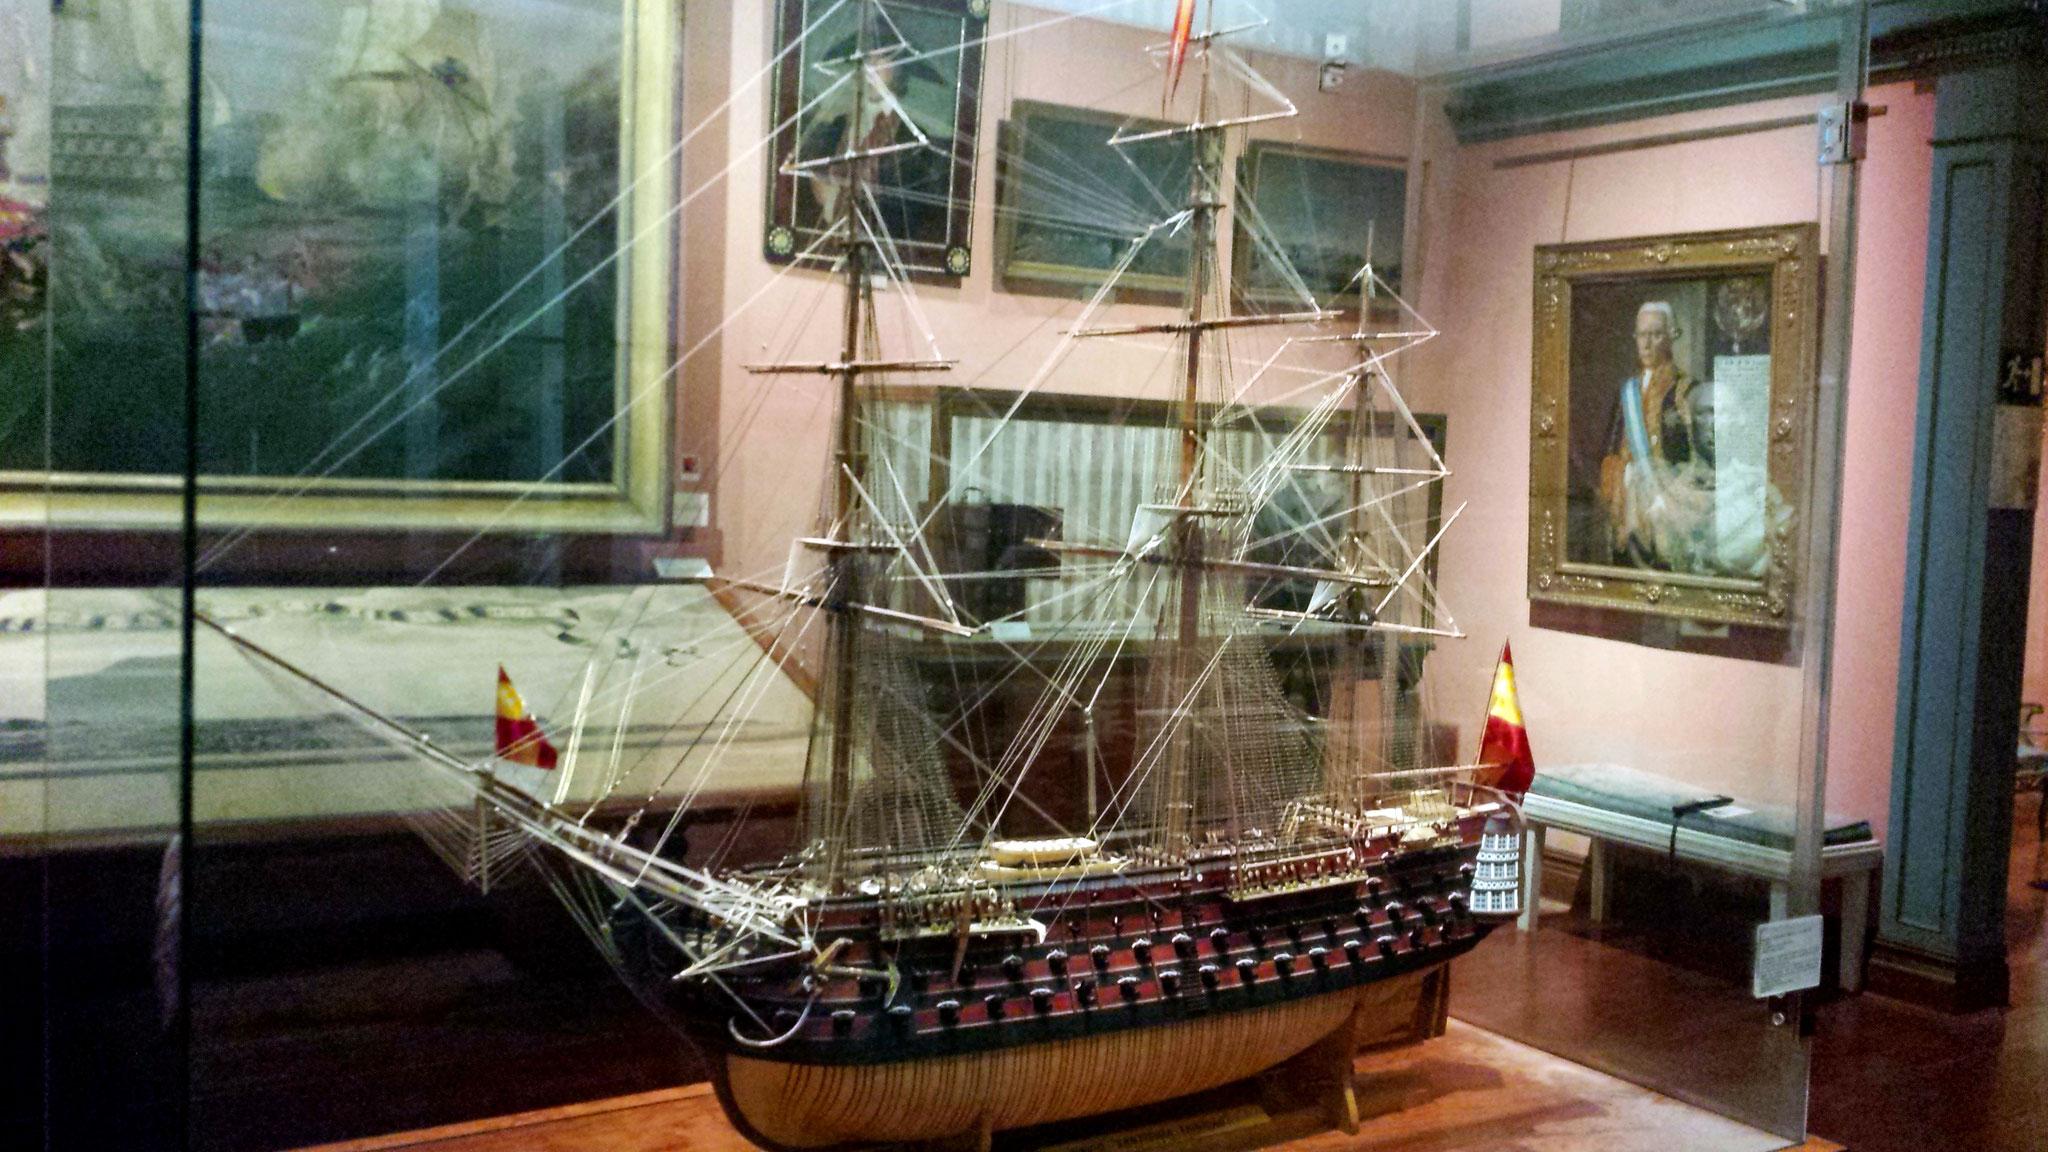 Maqueta del Santísima Trinidad. El mayor barco de su época (c. 1805) con 136 cañones